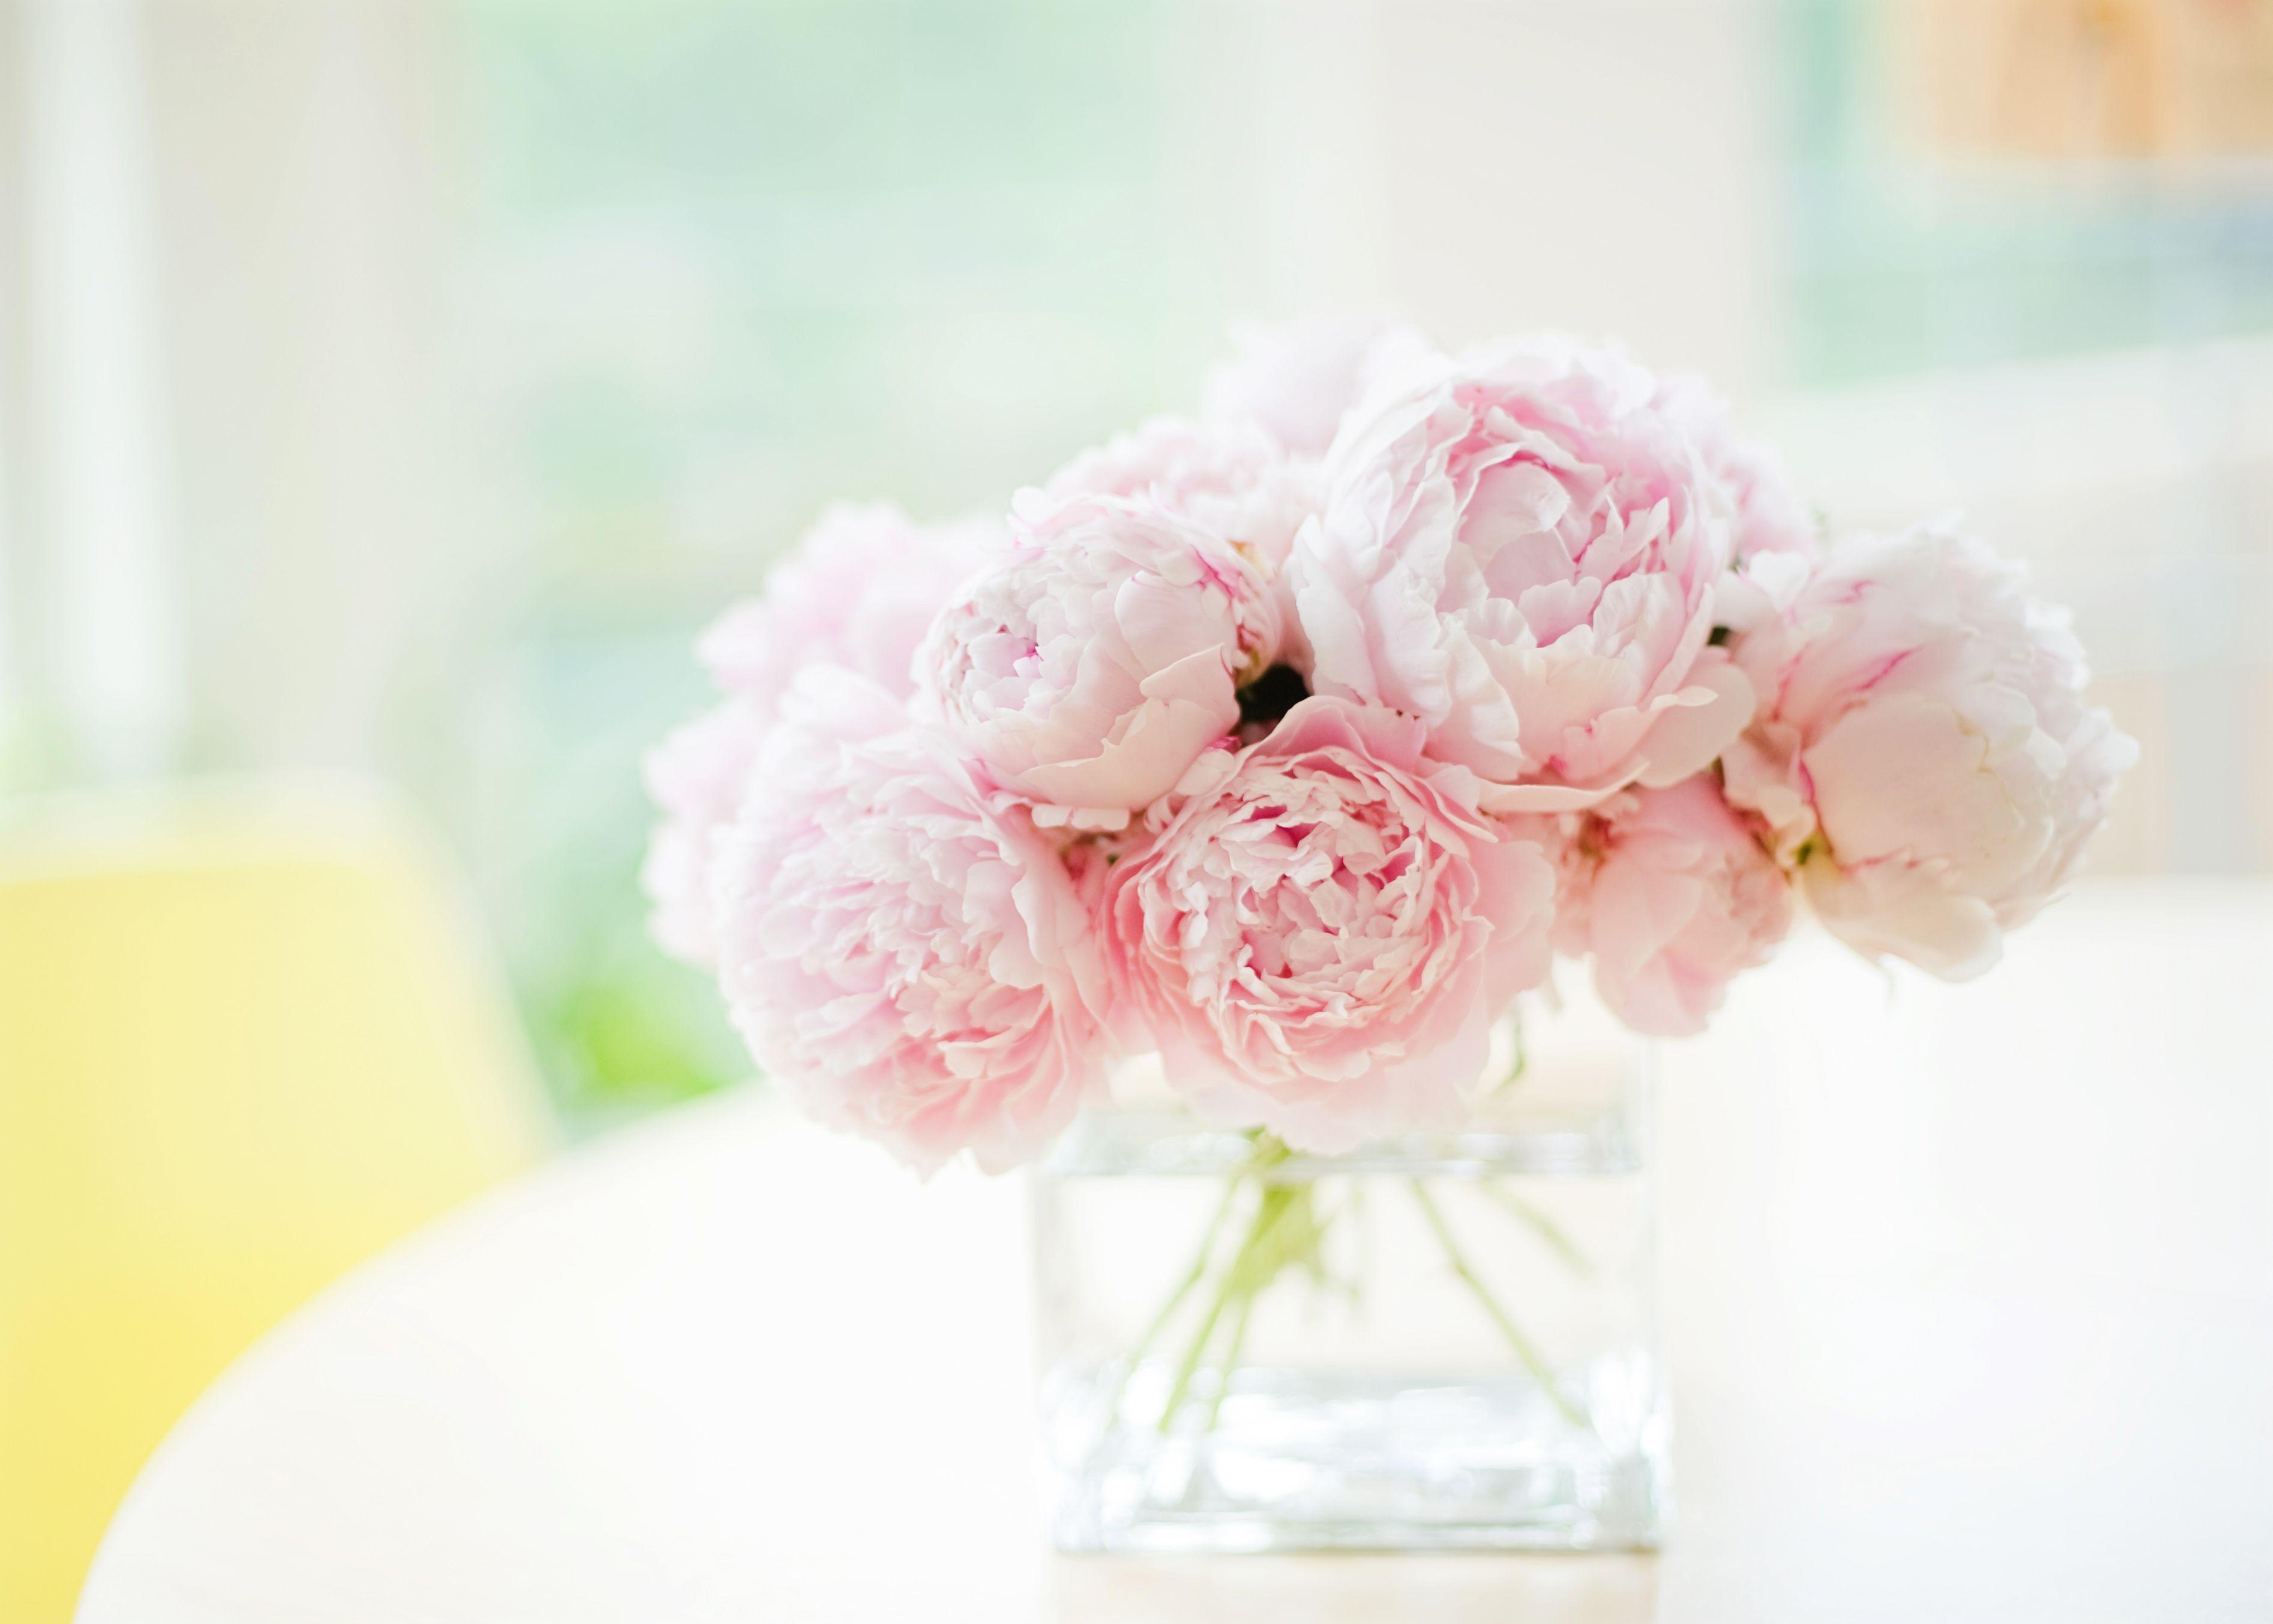 Pink Peonies Bouquet Free Desktop Wallpaper X peonies